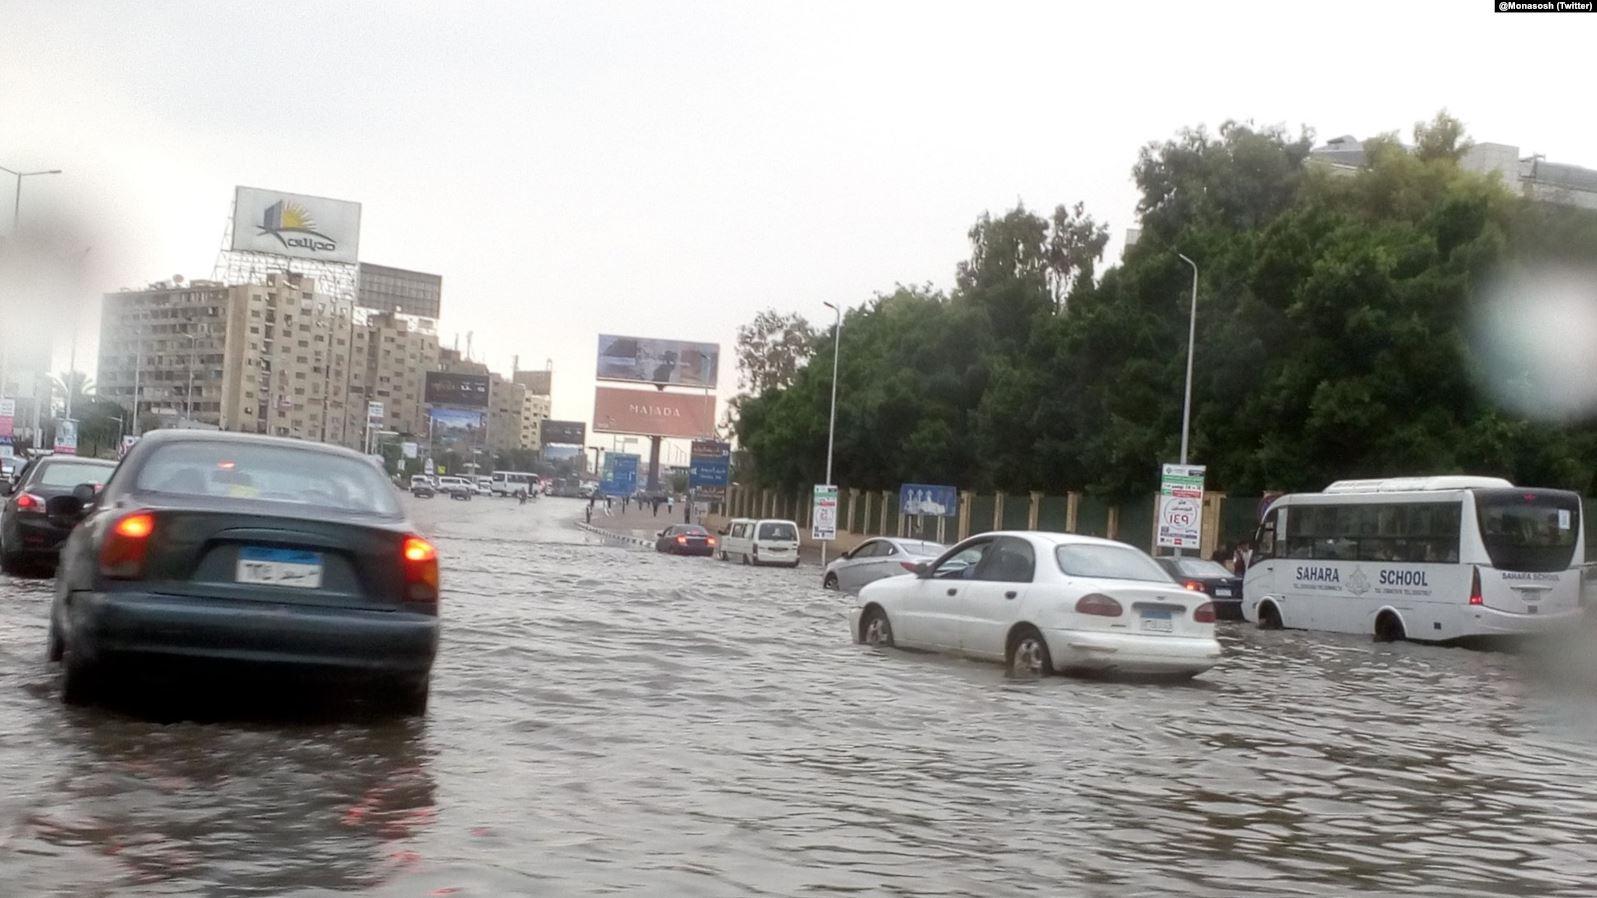 رسميا تعليق الدراسة بالمدارس والجامعة بهذه المحافظة بسبب موجة الطقس السيئ